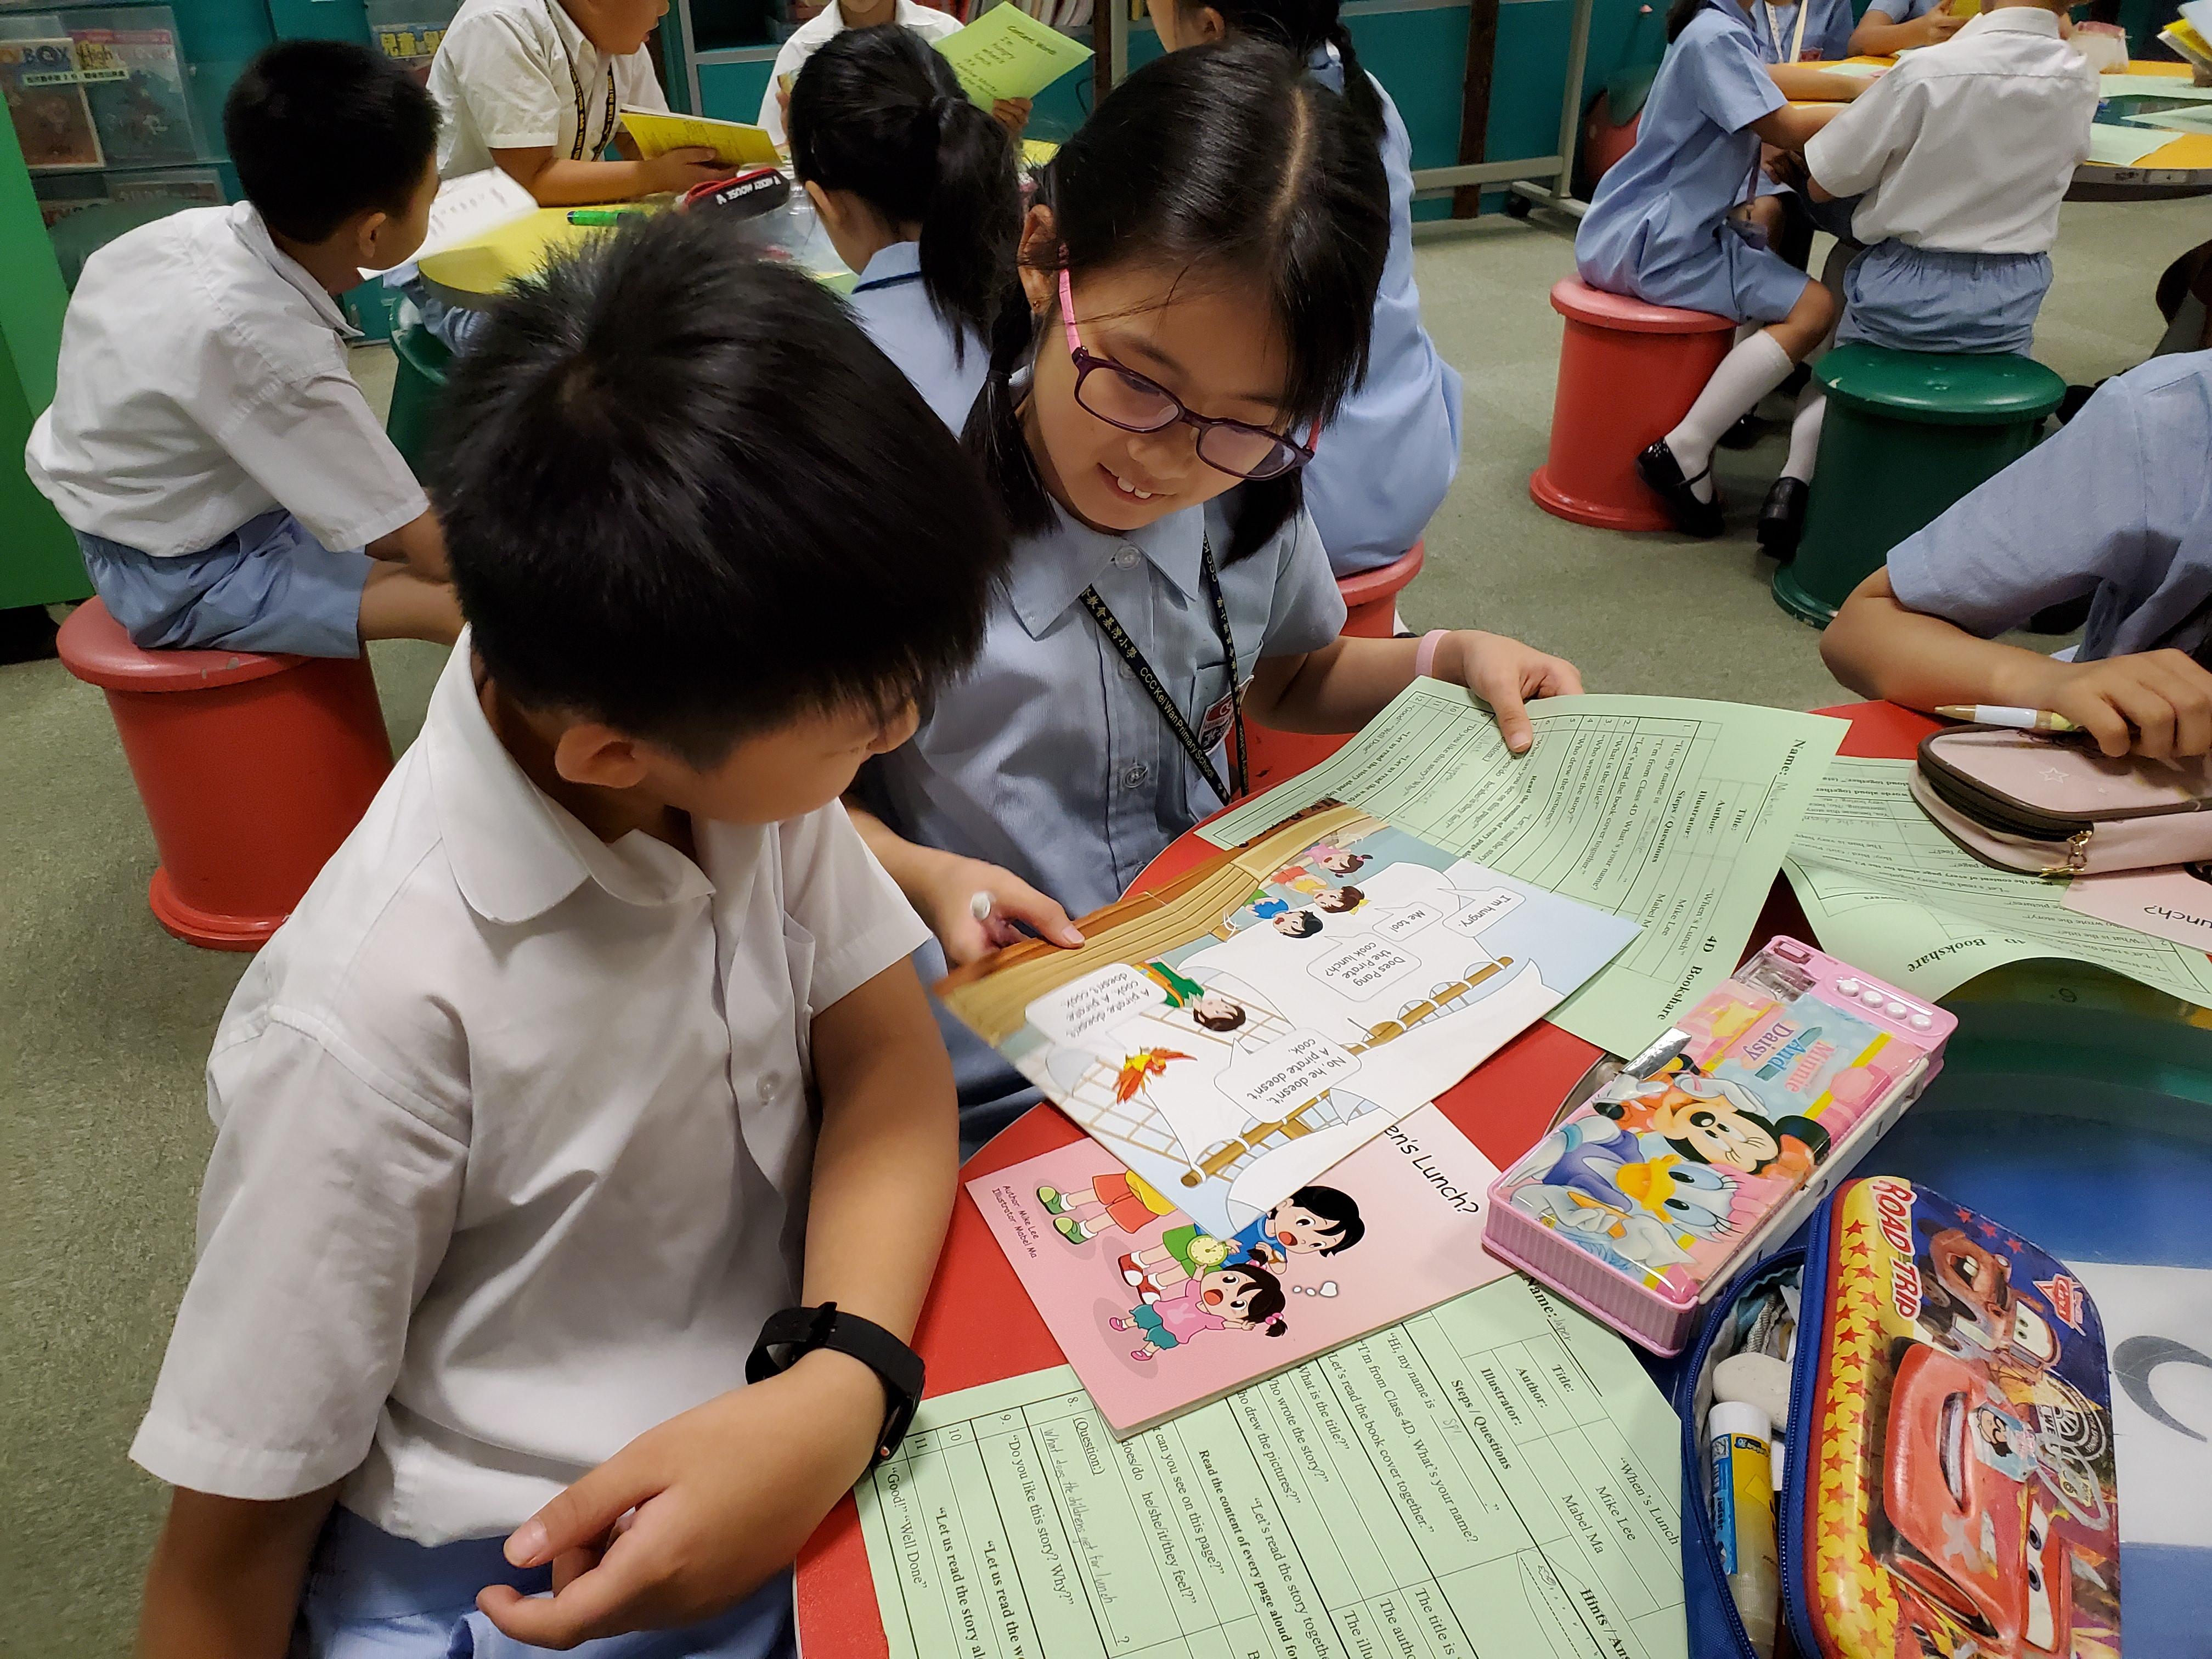 http://www.keiwan.edu.hk/sites/default/files/20191008_101811.jpg